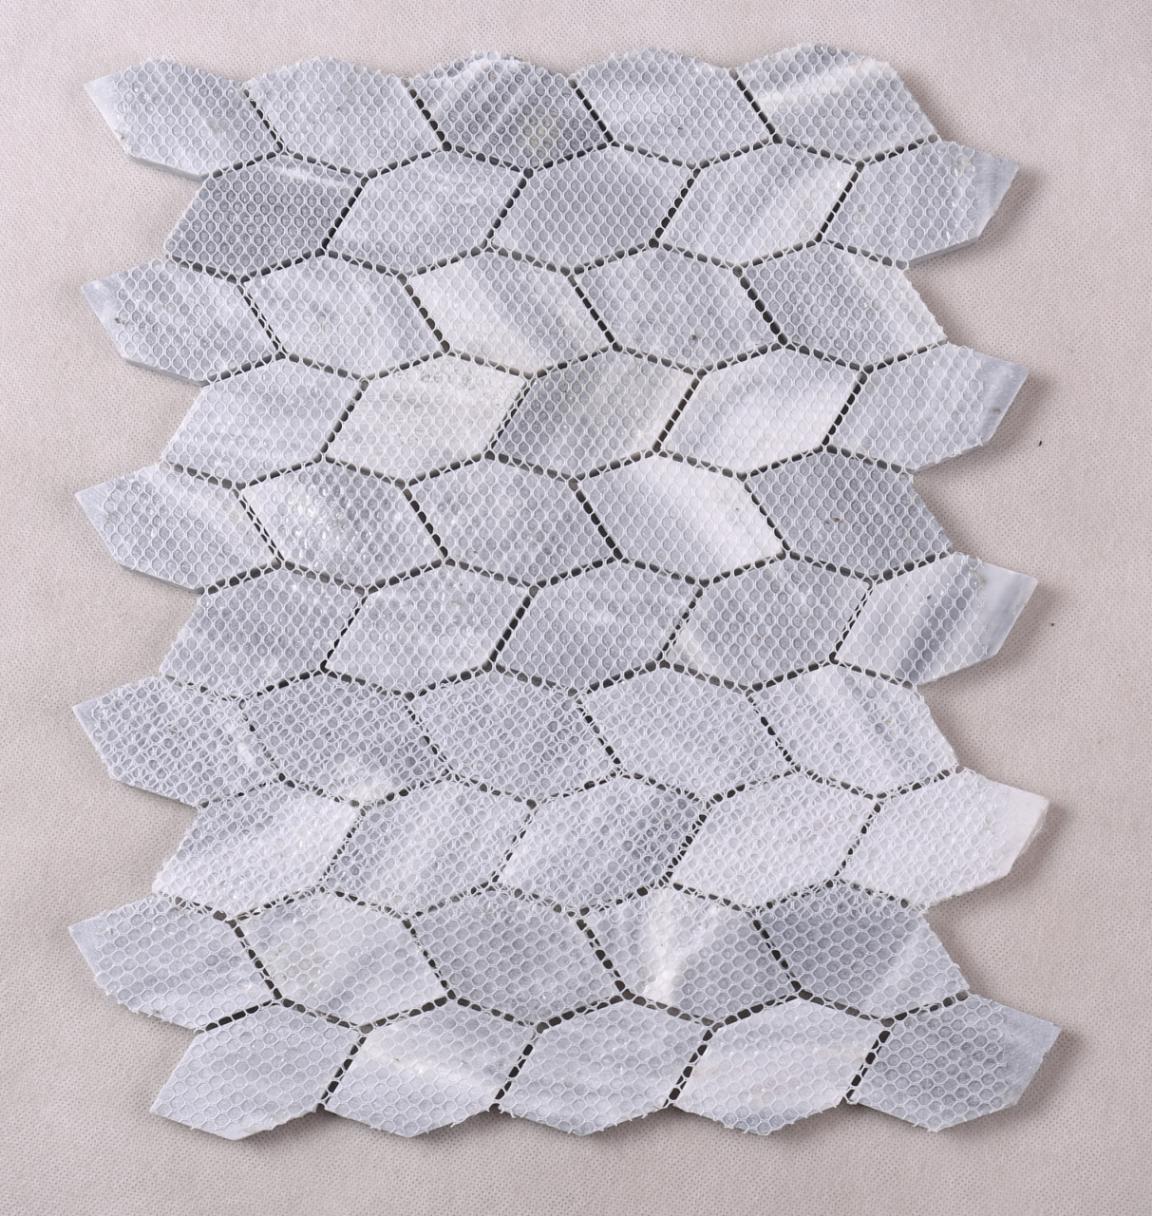 Heng Xing-Oem Odm Glass Mosaic, Mosaic Glass Tile | Heng Xing-4